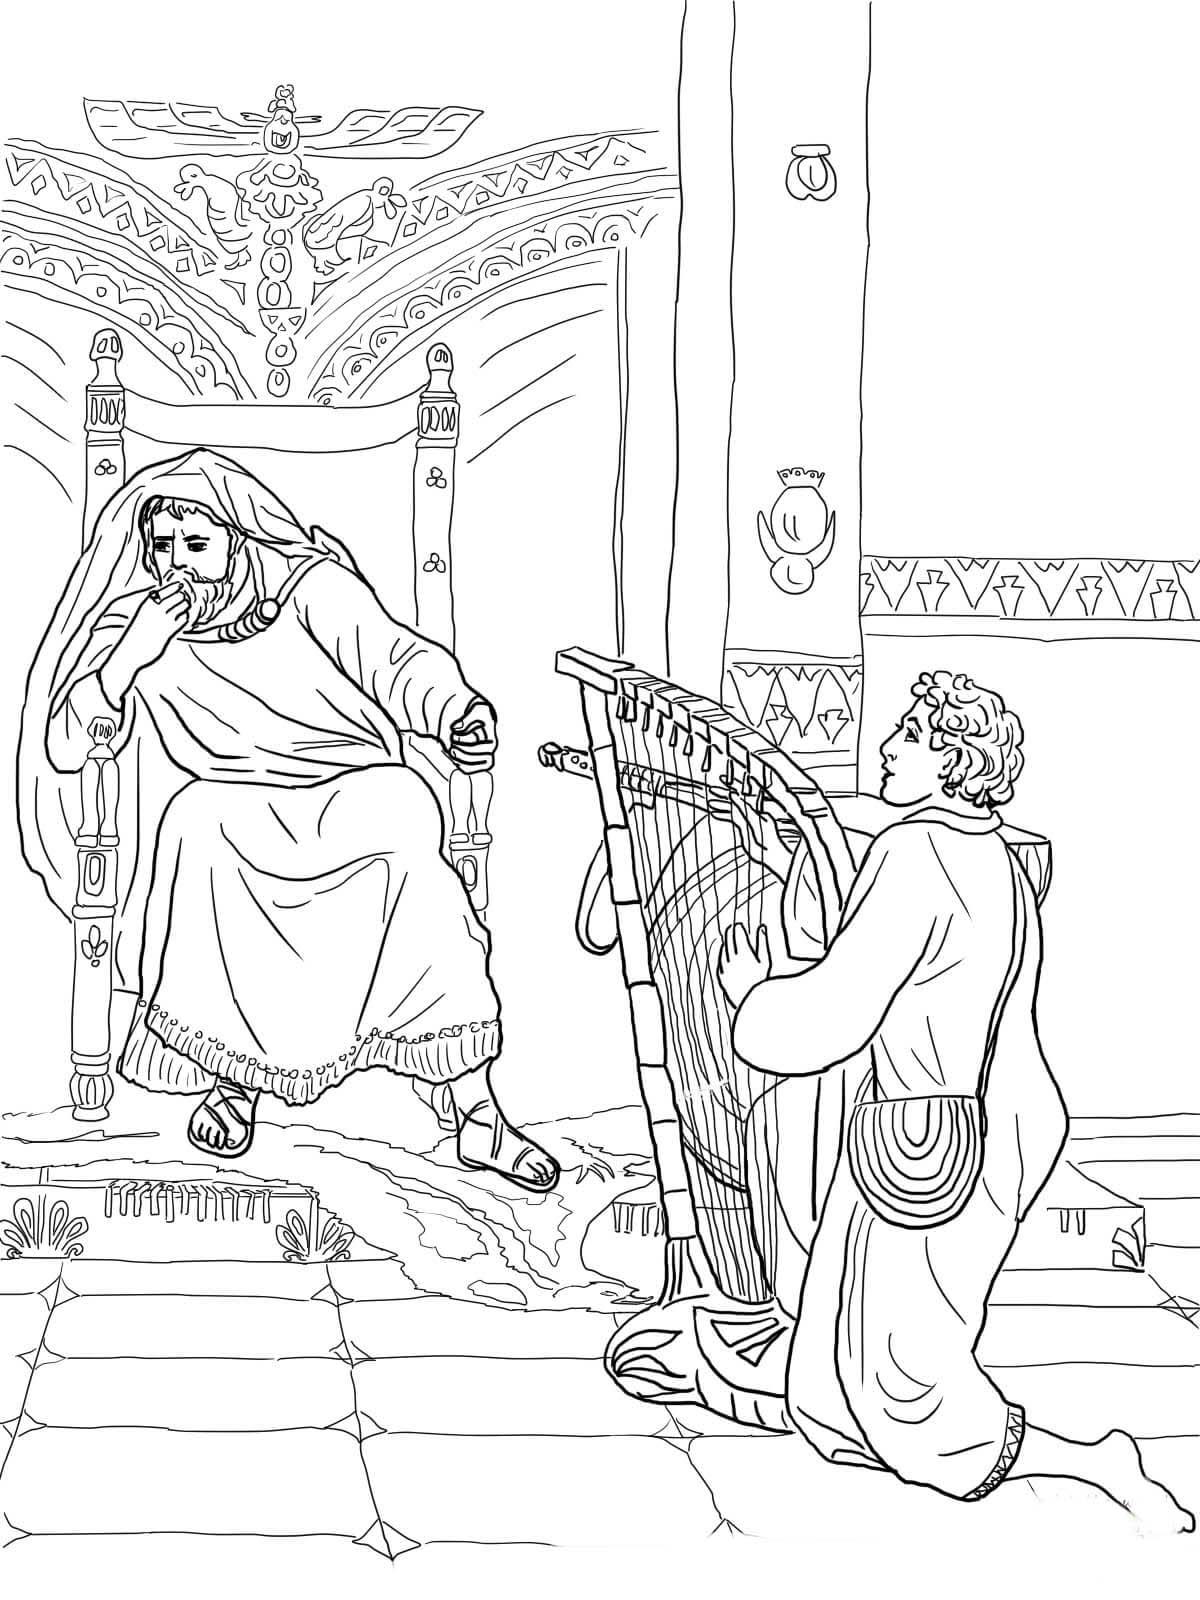 Desenho de Davi tocando arpa para Saul para colorir